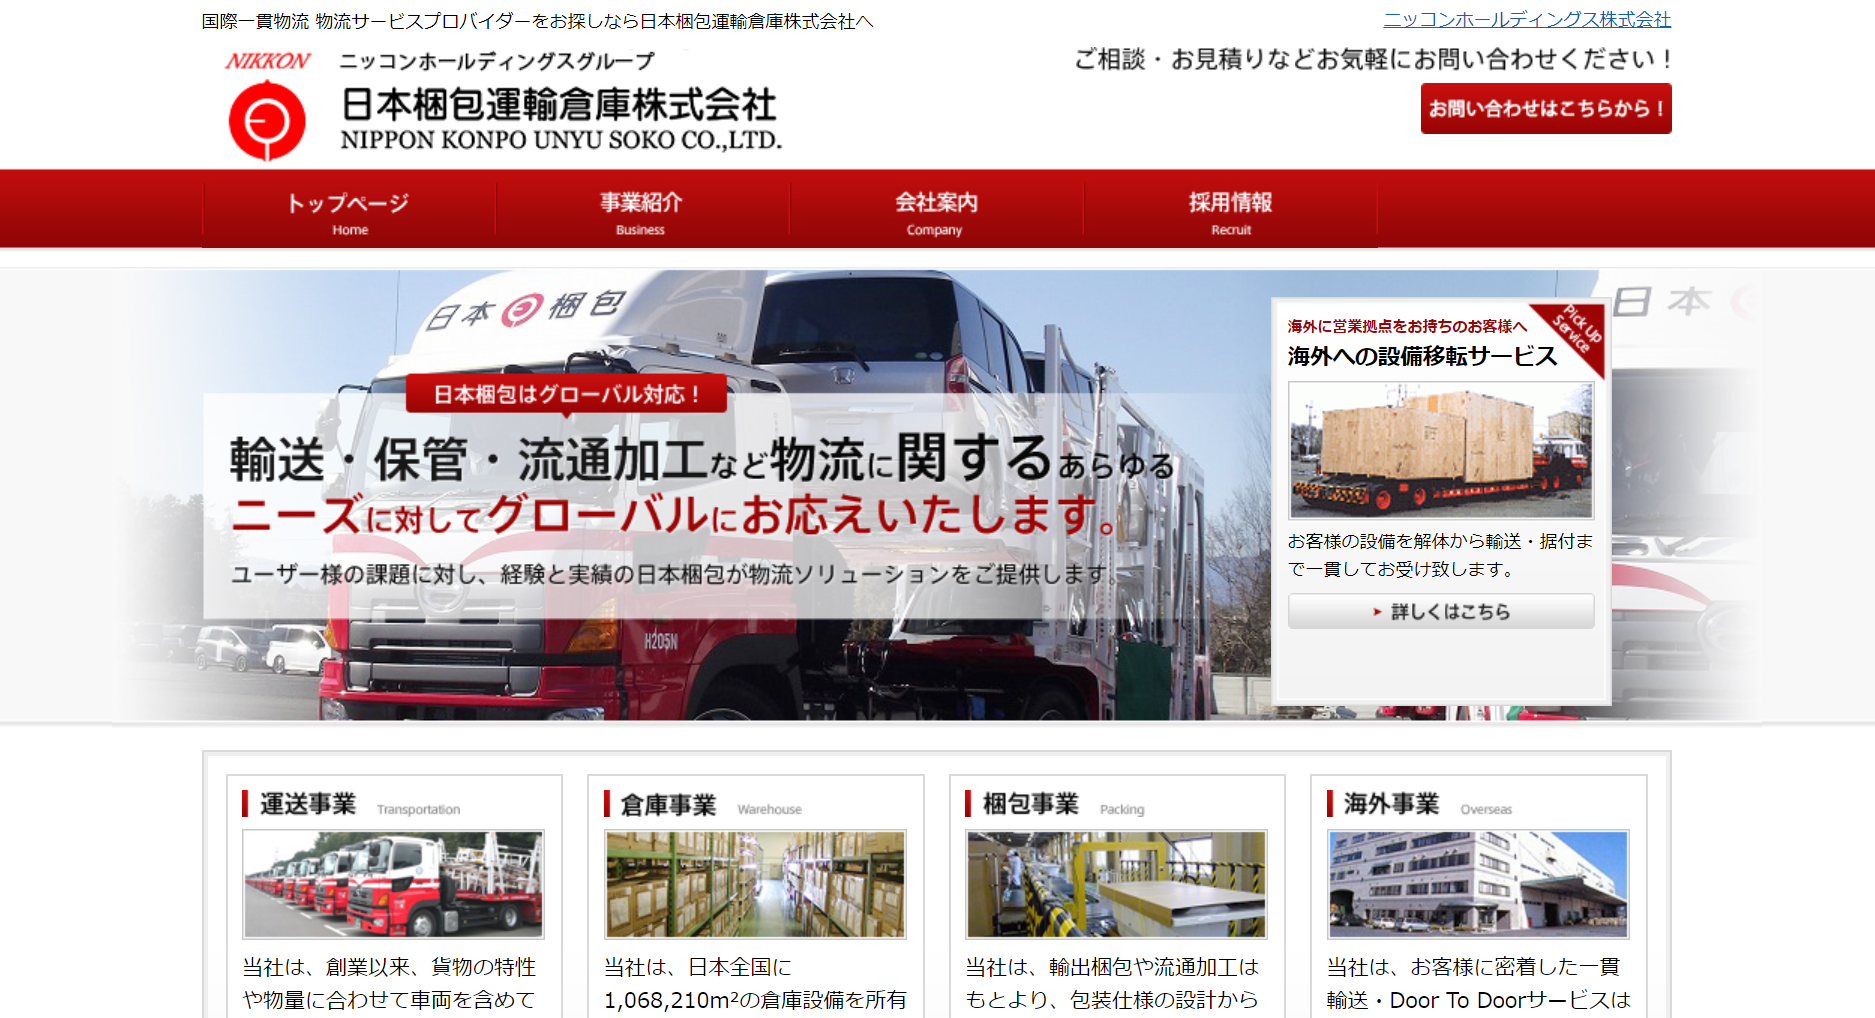 妻から見た日本梱包運輸倉庫の評判・口コミは?